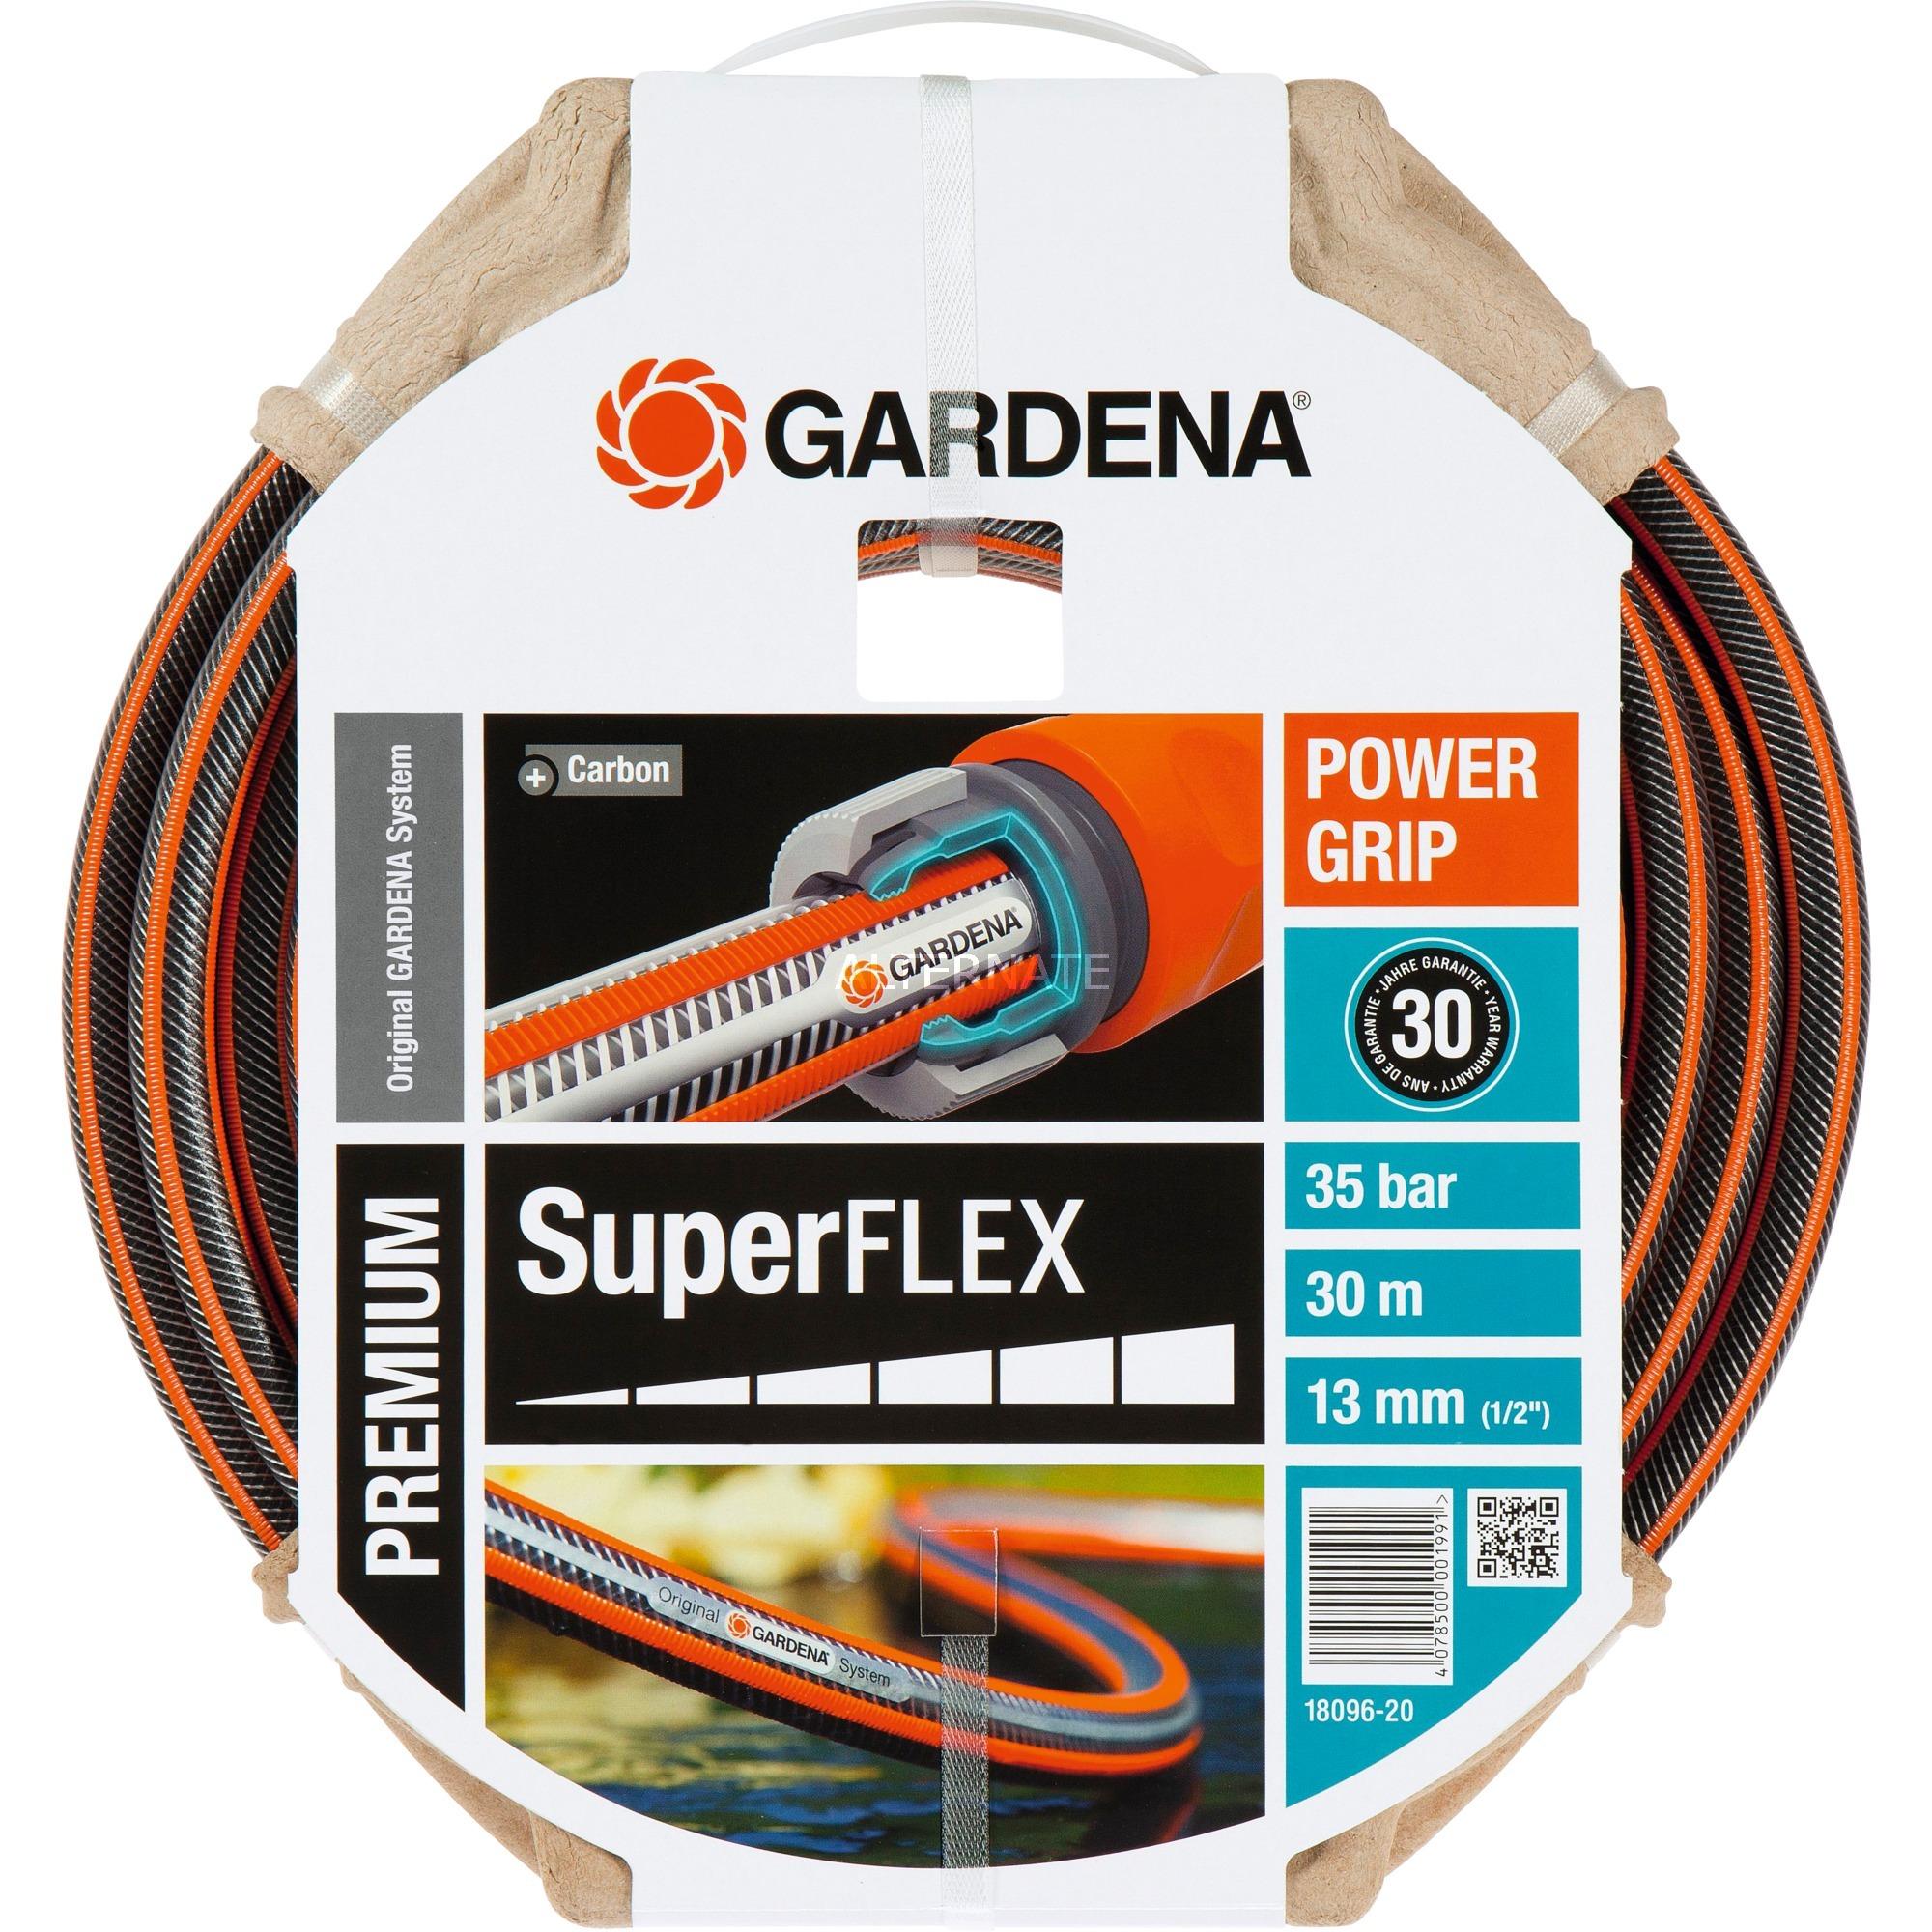 gardena premium superflex schlauch 13 mm 1 2 , 30 m